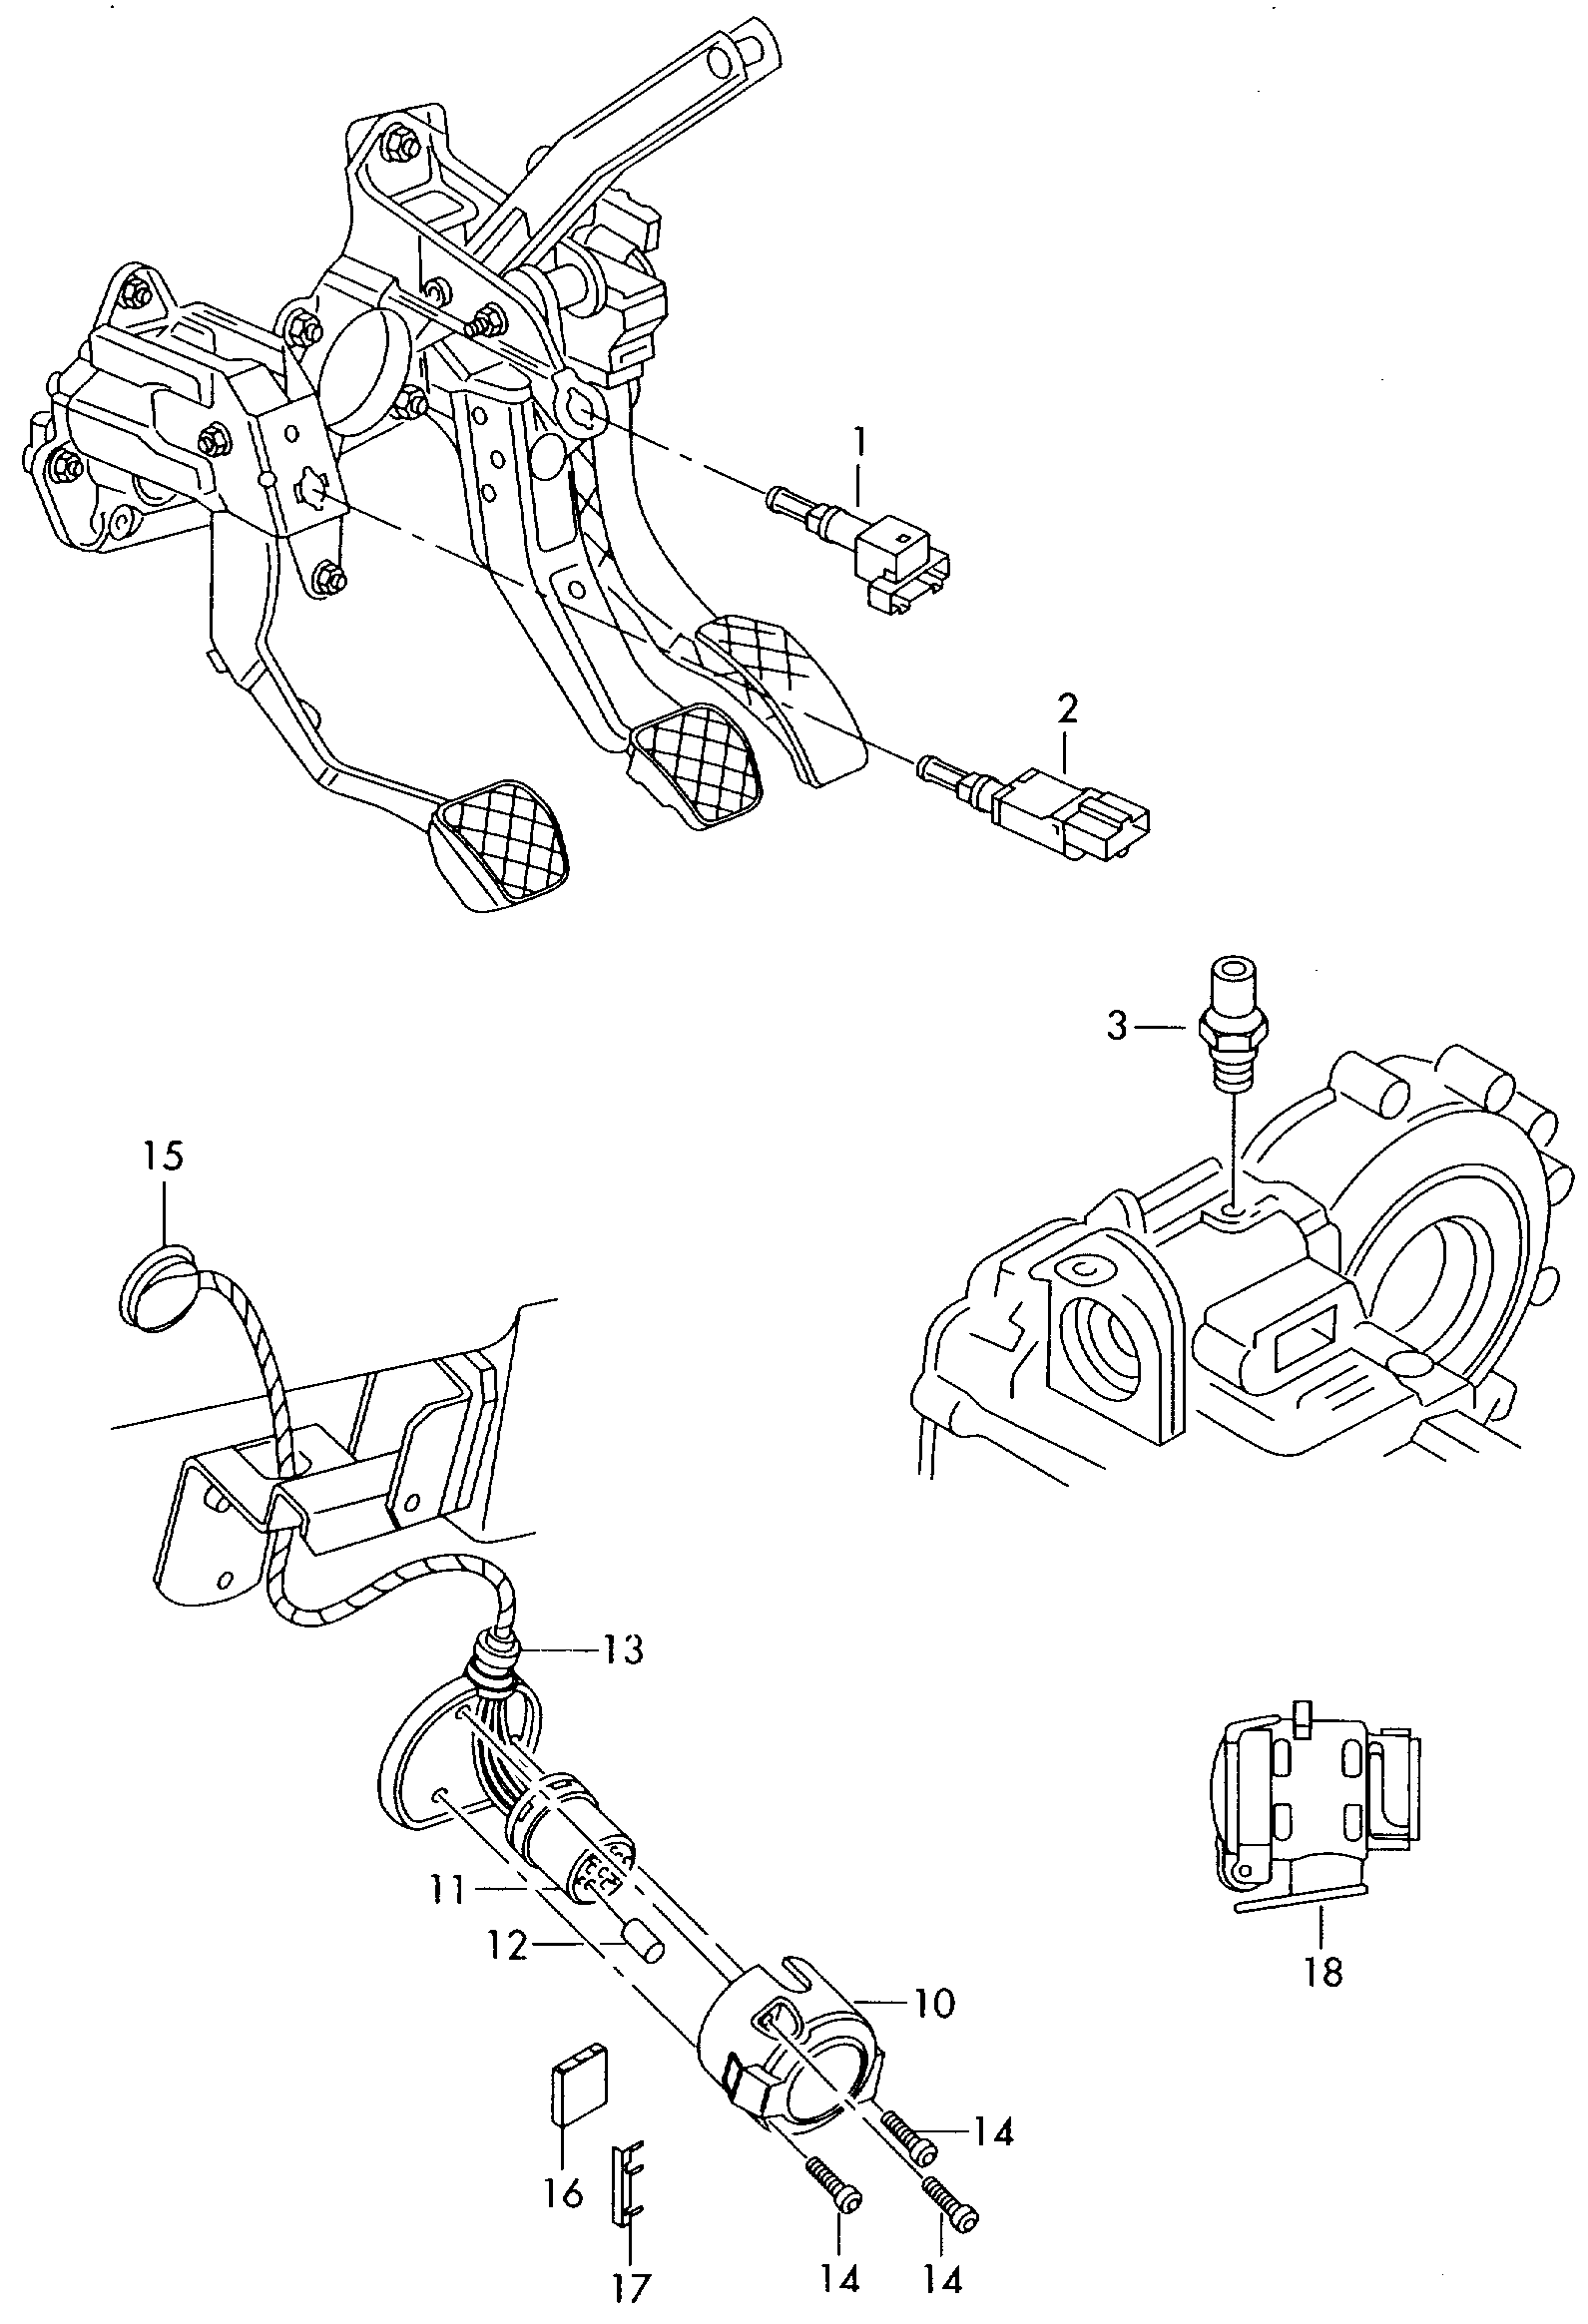 skoda cruise control diagram wiring diagram Tesla Fuse Box skoda fabia 2007 2010 socket cruise control system forskoda fabia 2007 2010